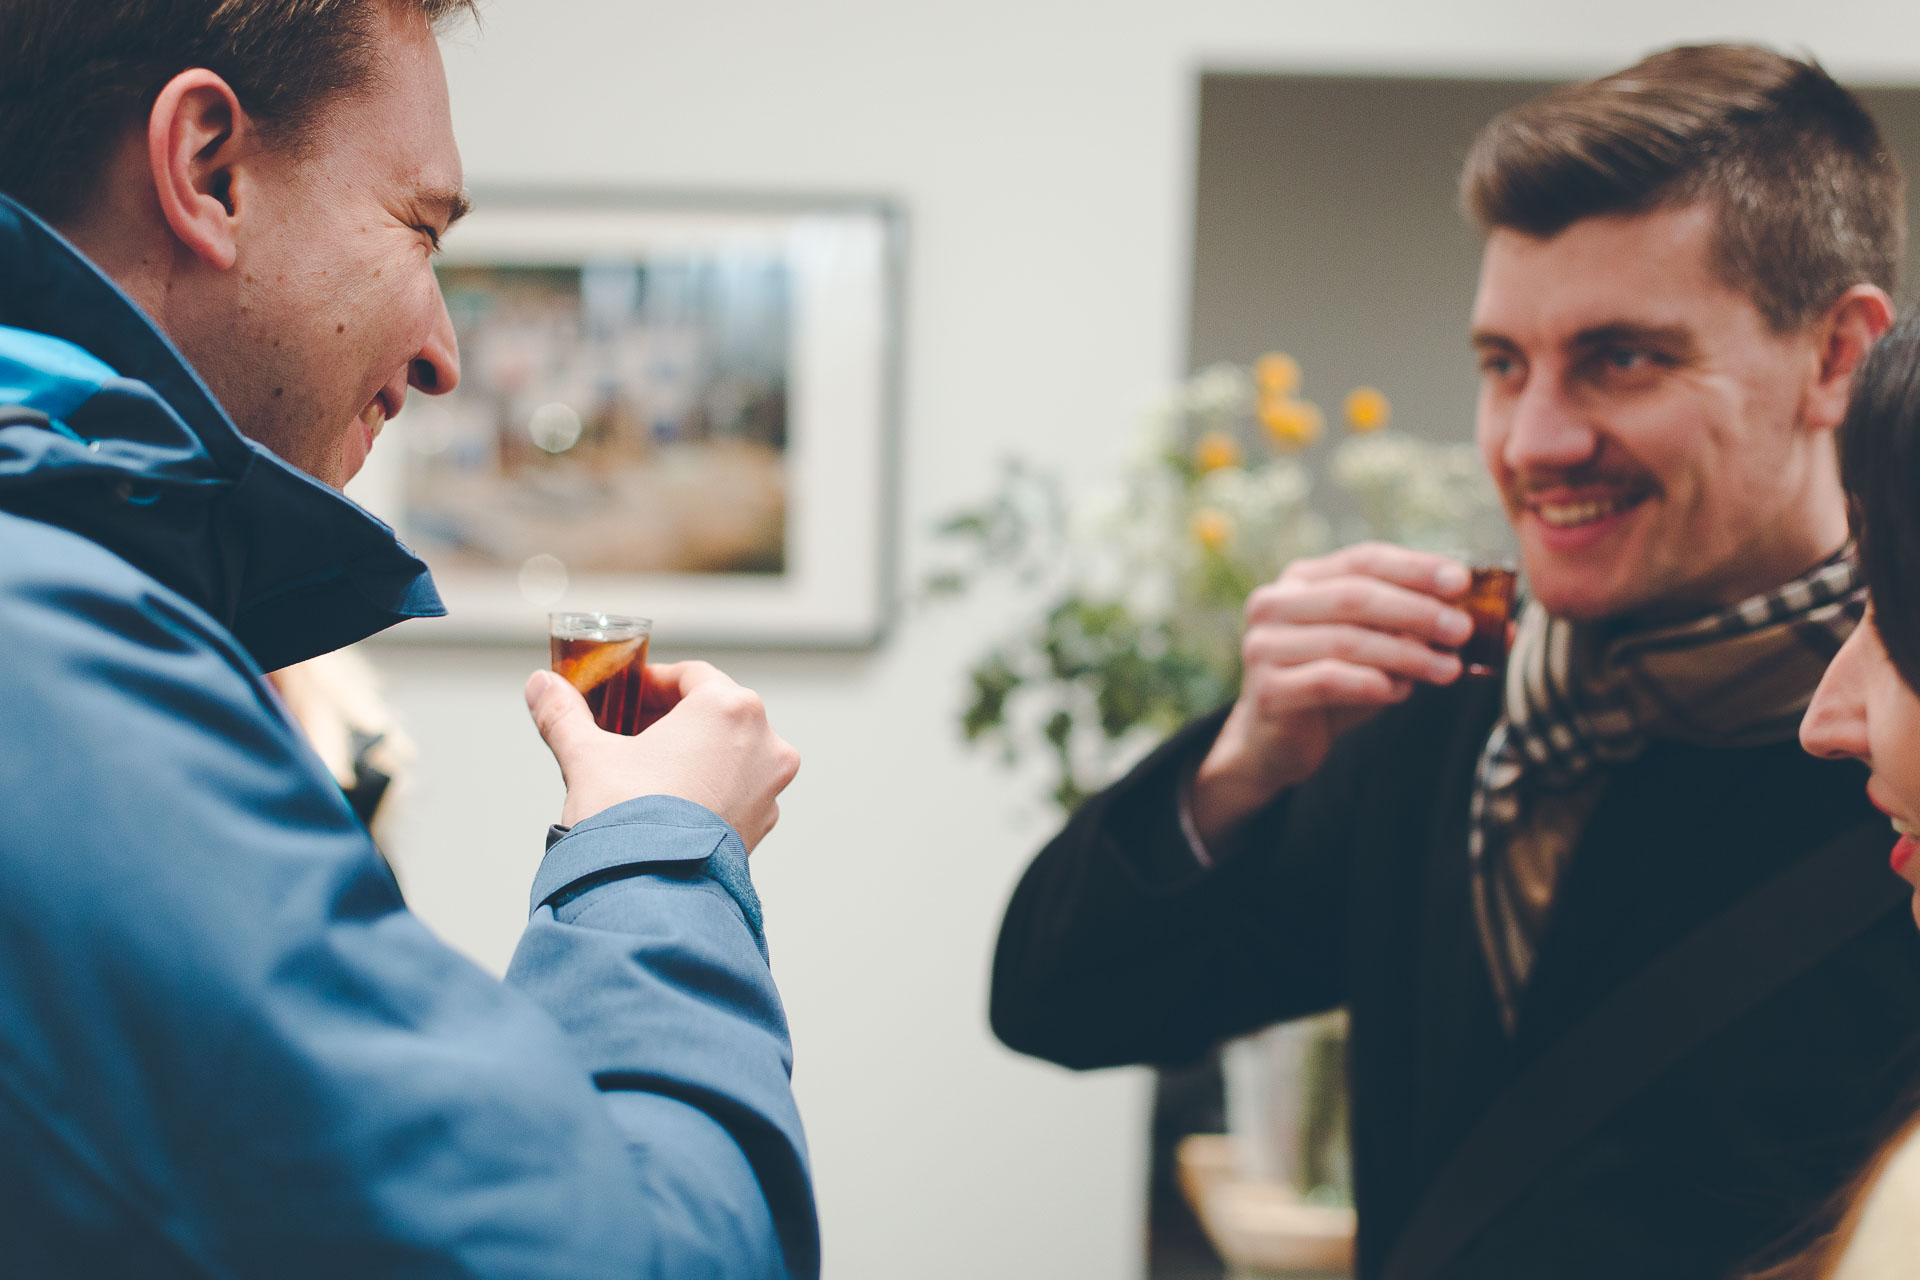 Event Foto von zwei Besuchern, die sich mit Wermut zuprosten und probieren